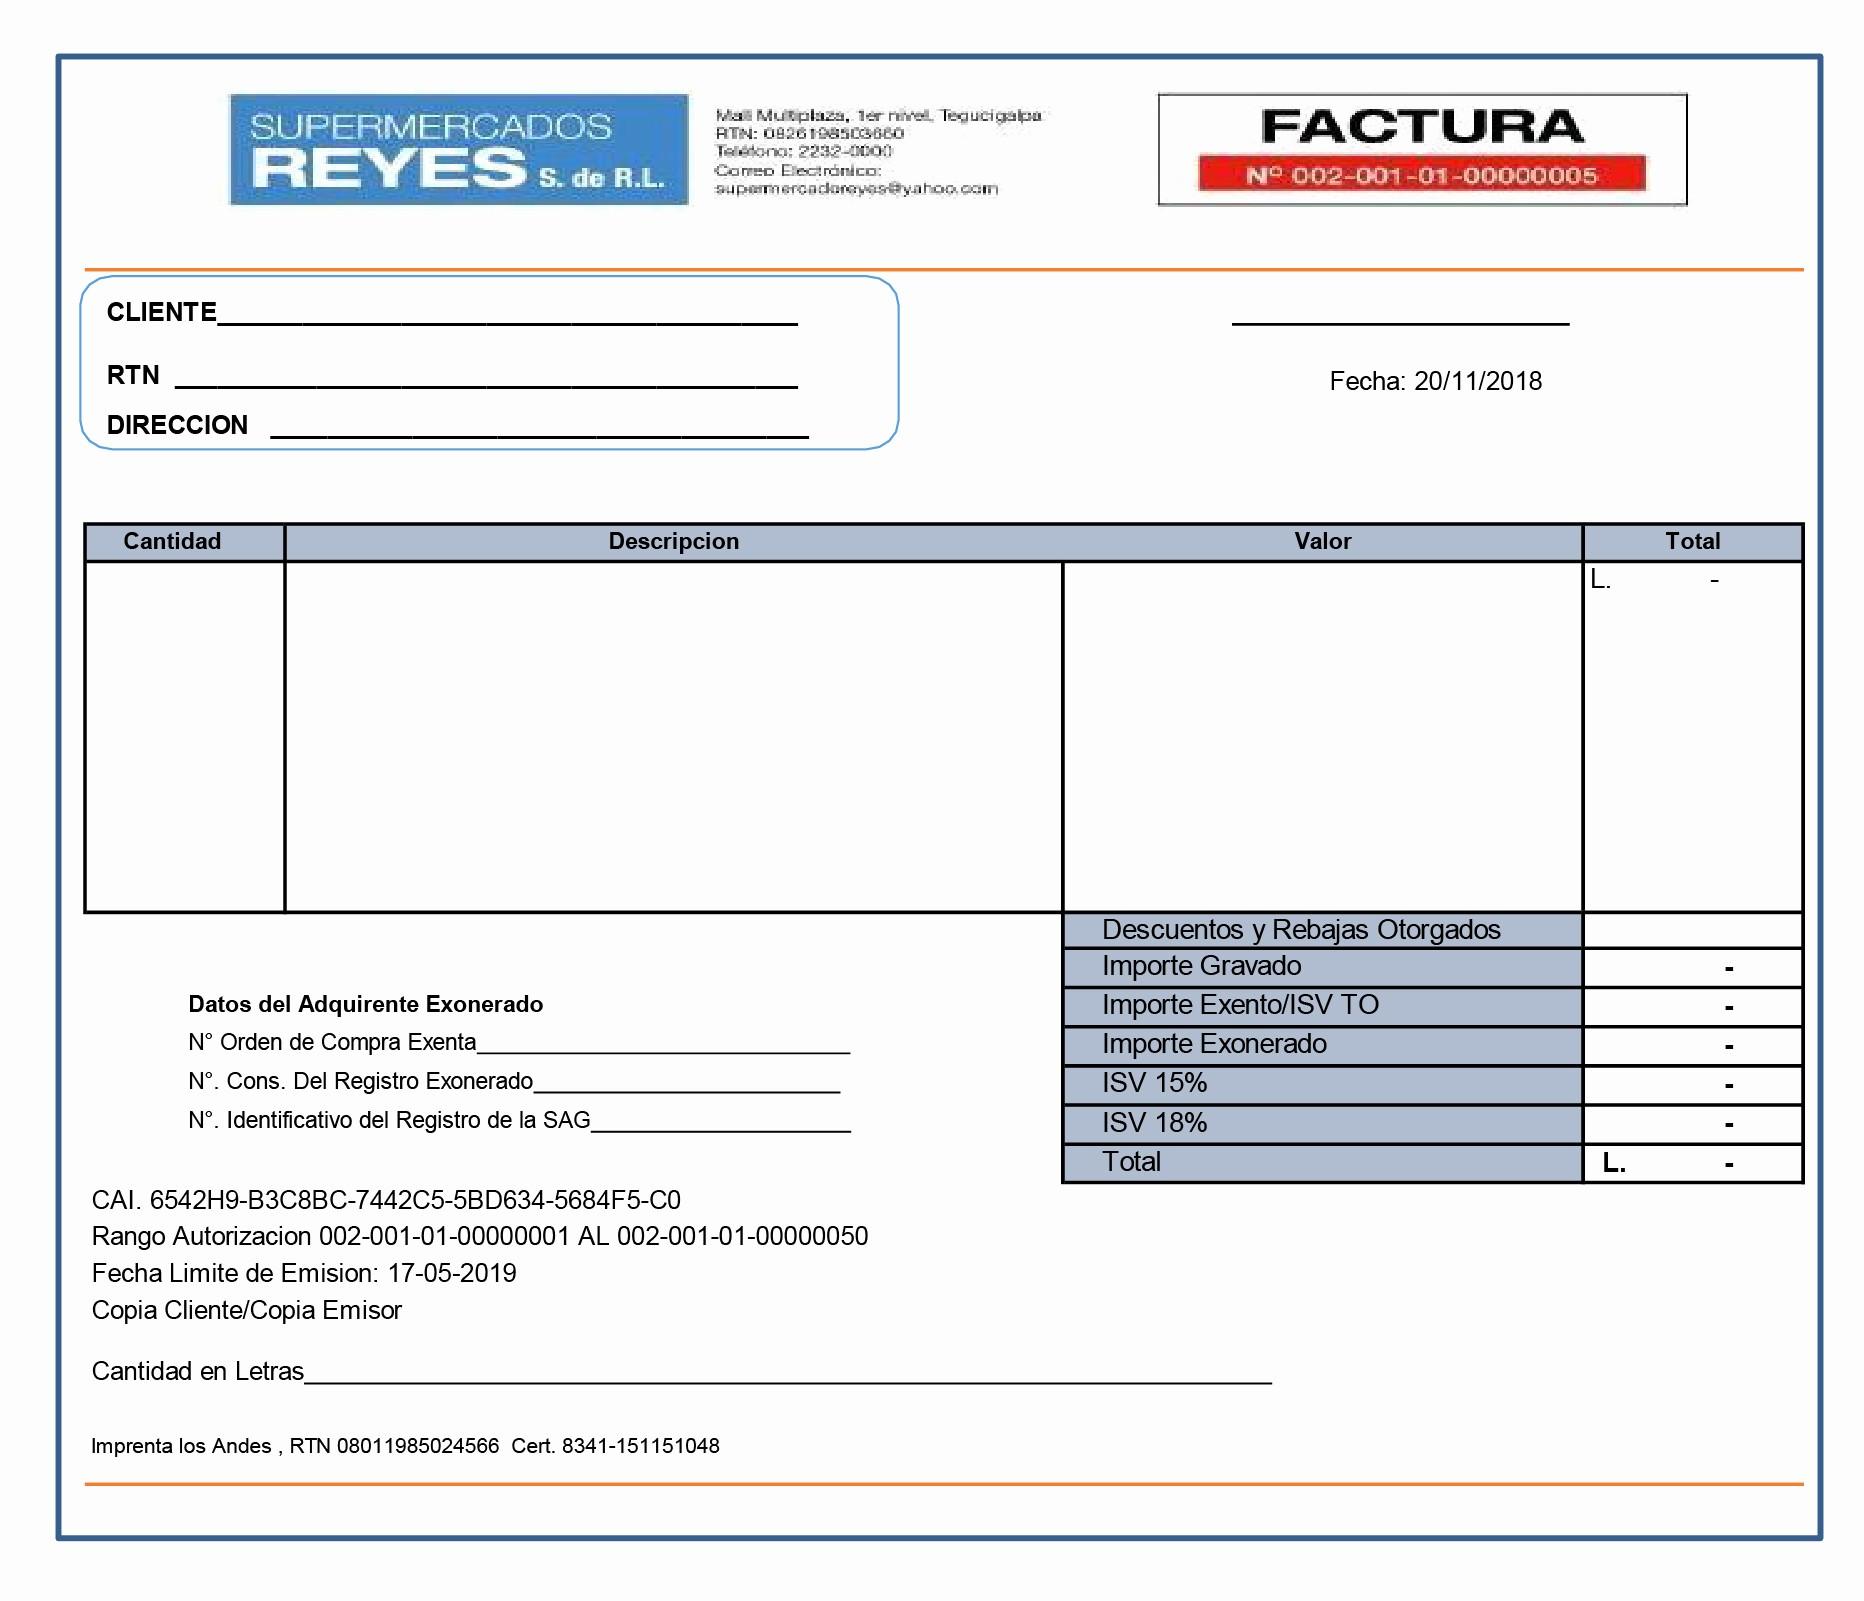 Formato Para Facturas En Excel Unique formato De Una Factura